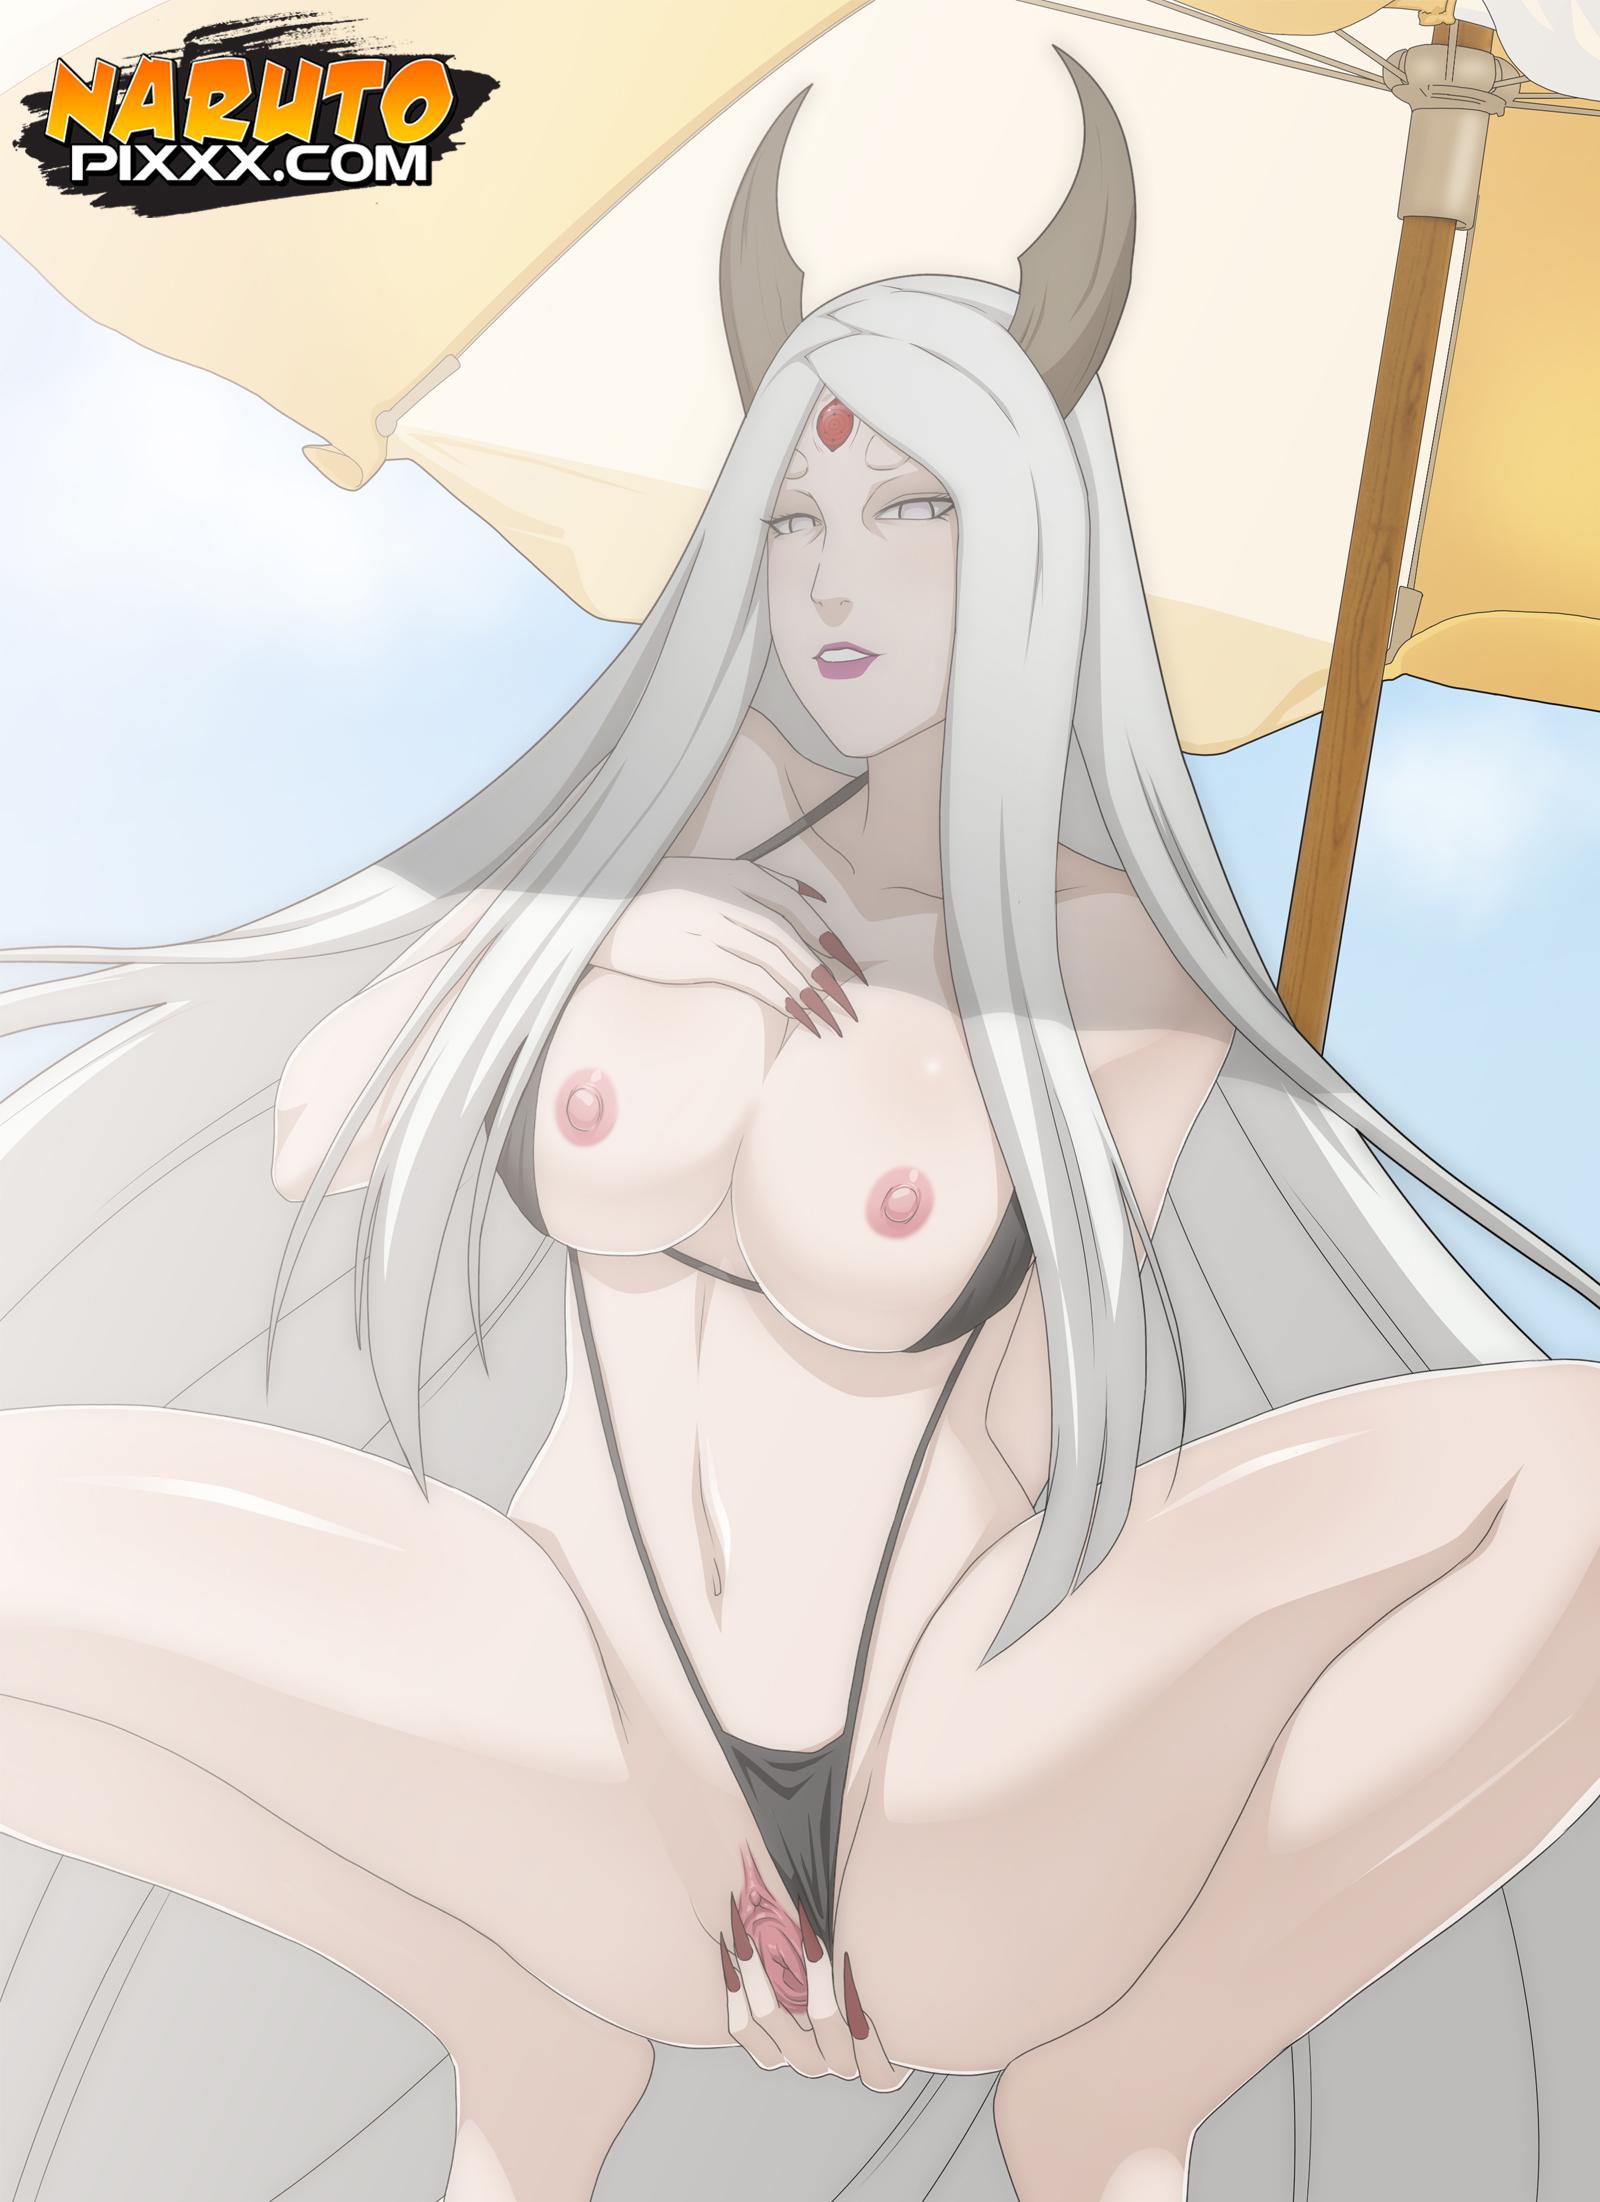 www.nude bangla sex photo.com